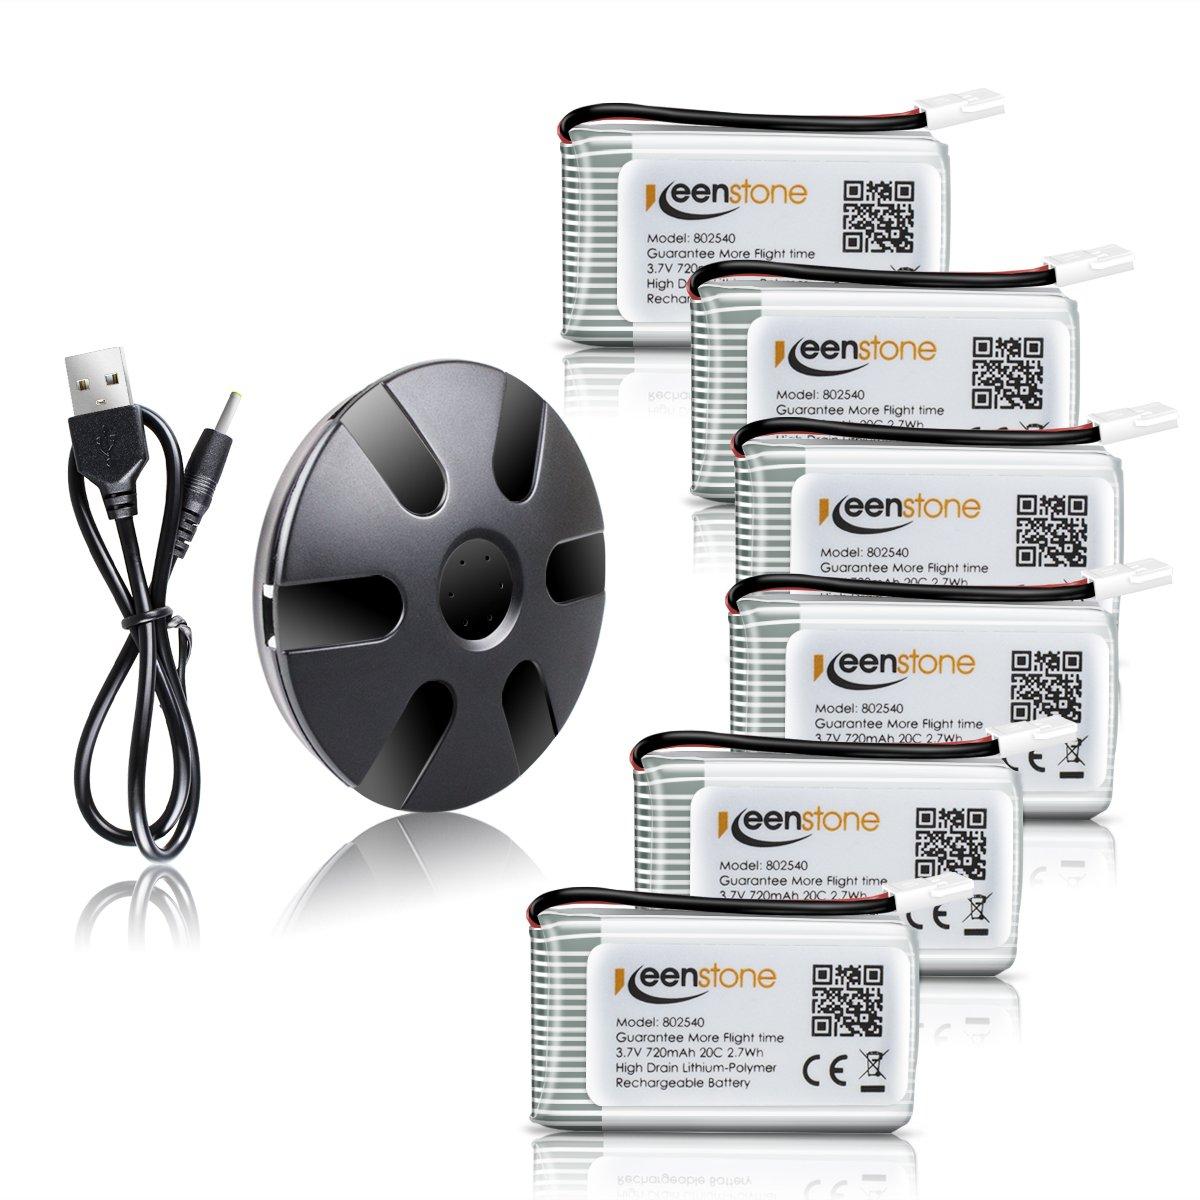 Keenstone Syma x5c bateria 6 Piezas 3.7V 720mAh 20C Litio batería + 1PCS Cagador con 6 Puerta para Syma X5C X5C-1 X5SC X5SC-1 X5SW, Cheerson CX-30W UDI U45 DROCON X708W RC Drone Quadcopter 1011028-1